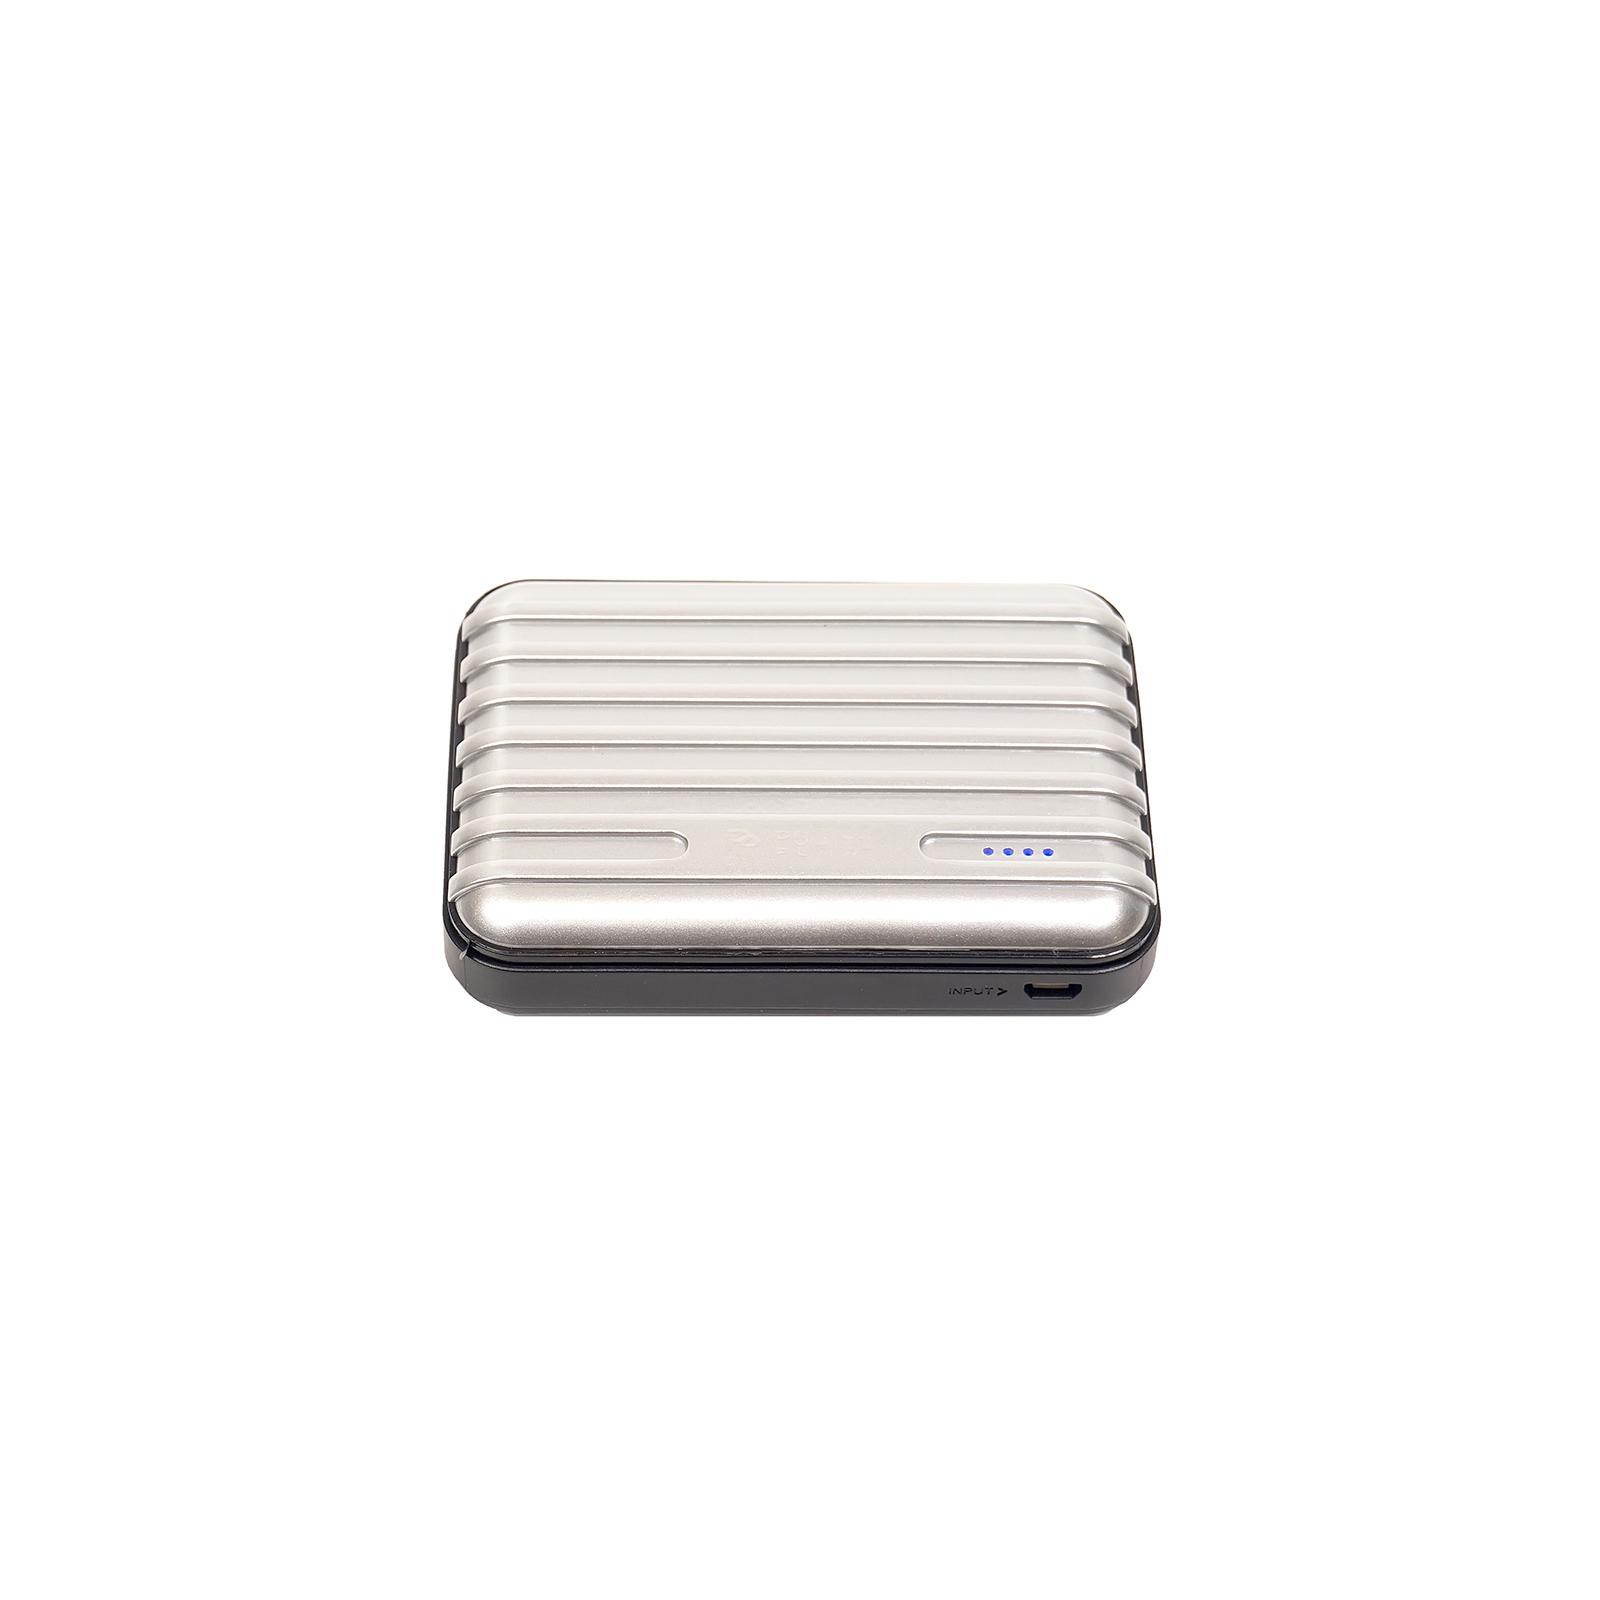 Батарея универсальная PowerPlant PPLA9084B, 10400mAh (PPLA9084B) изображение 2